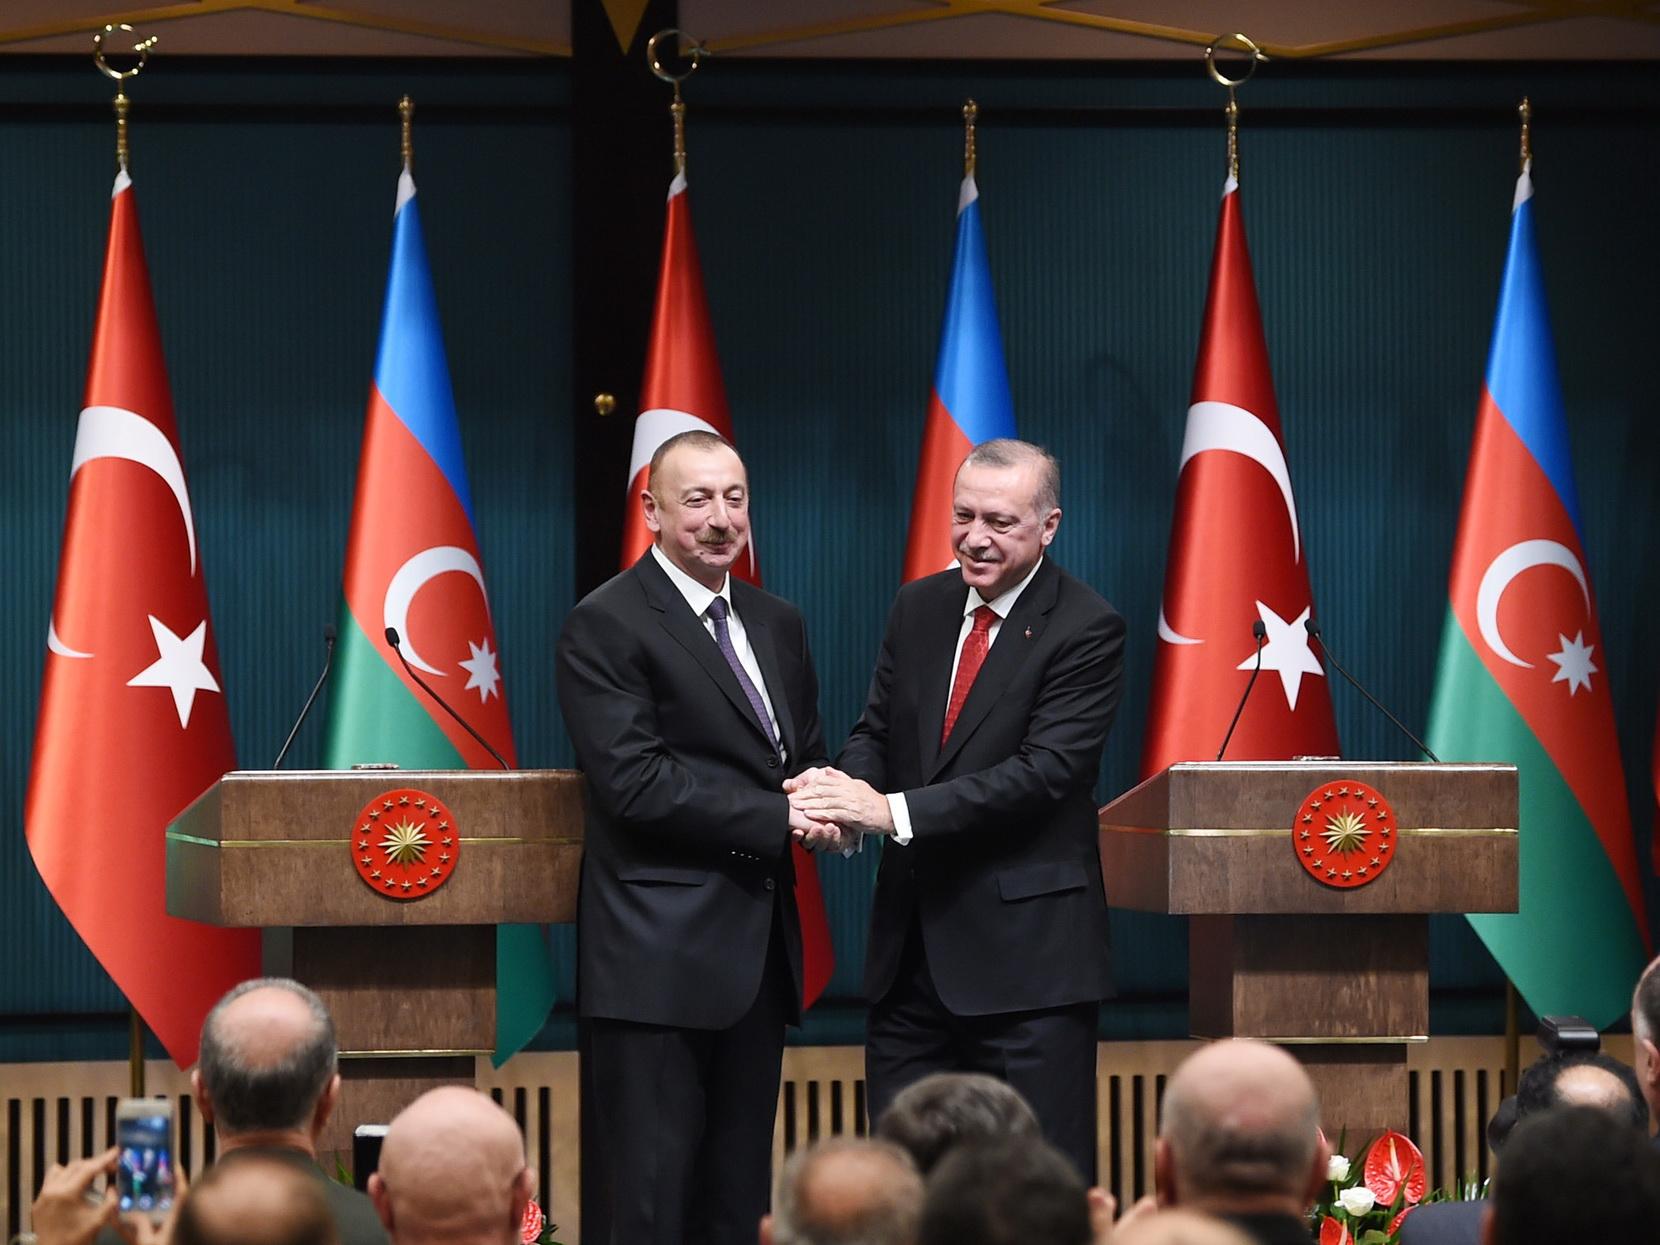 Ильхам Алиев: «Дружеские и братские отношения между Азербайджаном и Турцией сегодня всесторонне развиваются»